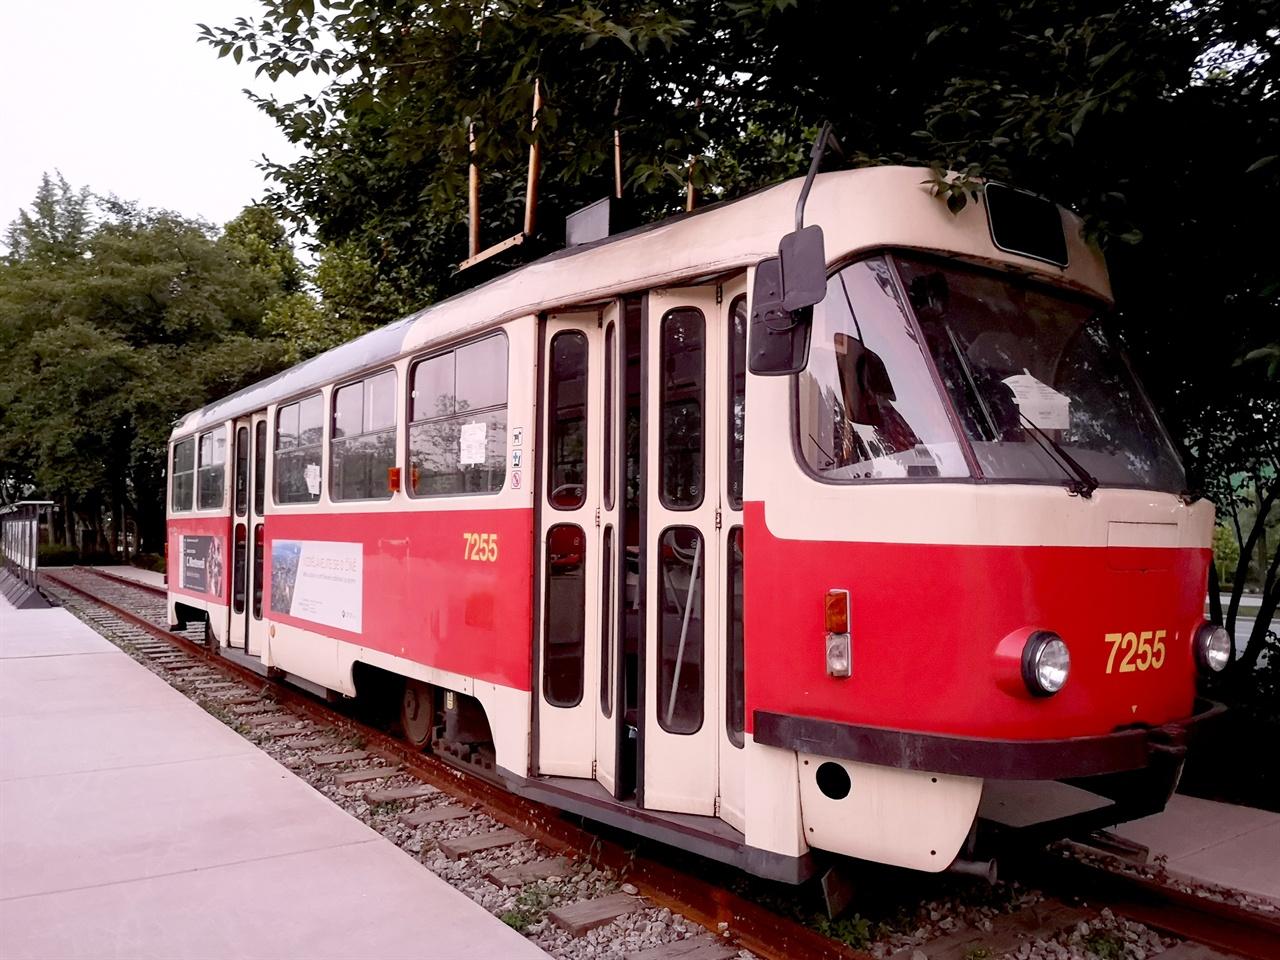 체코의 트램 체코에서 실제 운행하였던 트램